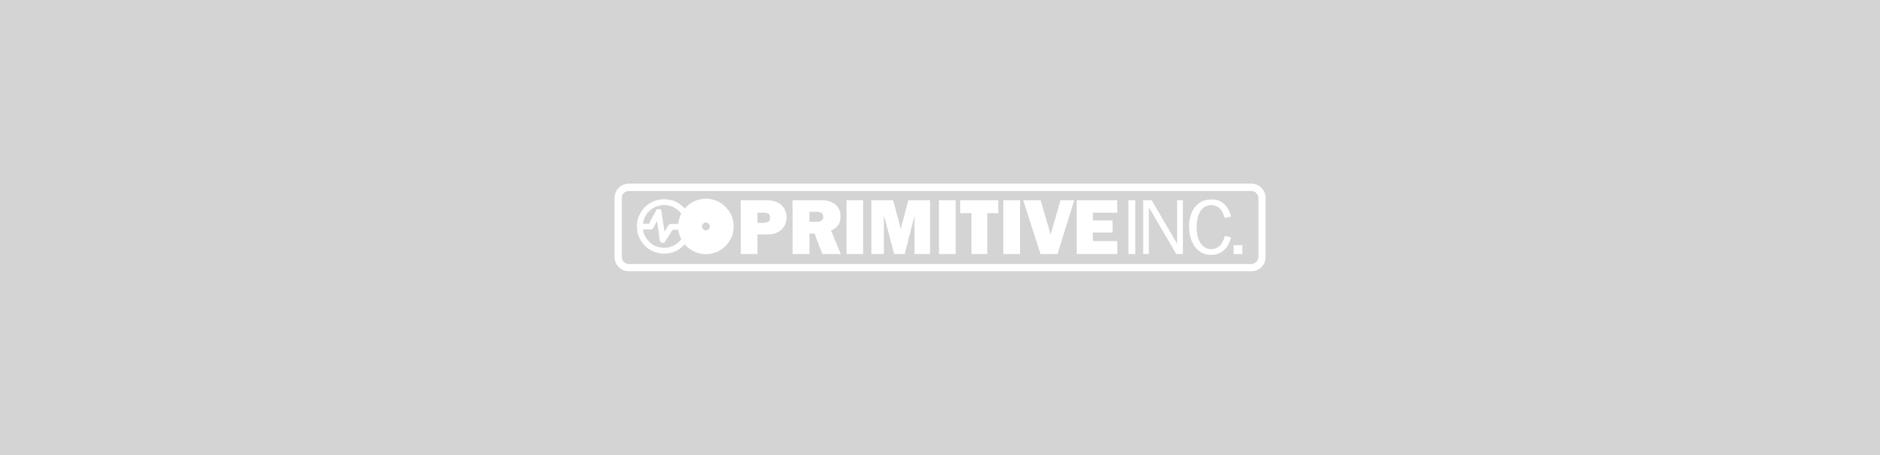 PRIMITIVE INC. ONLINE STORE